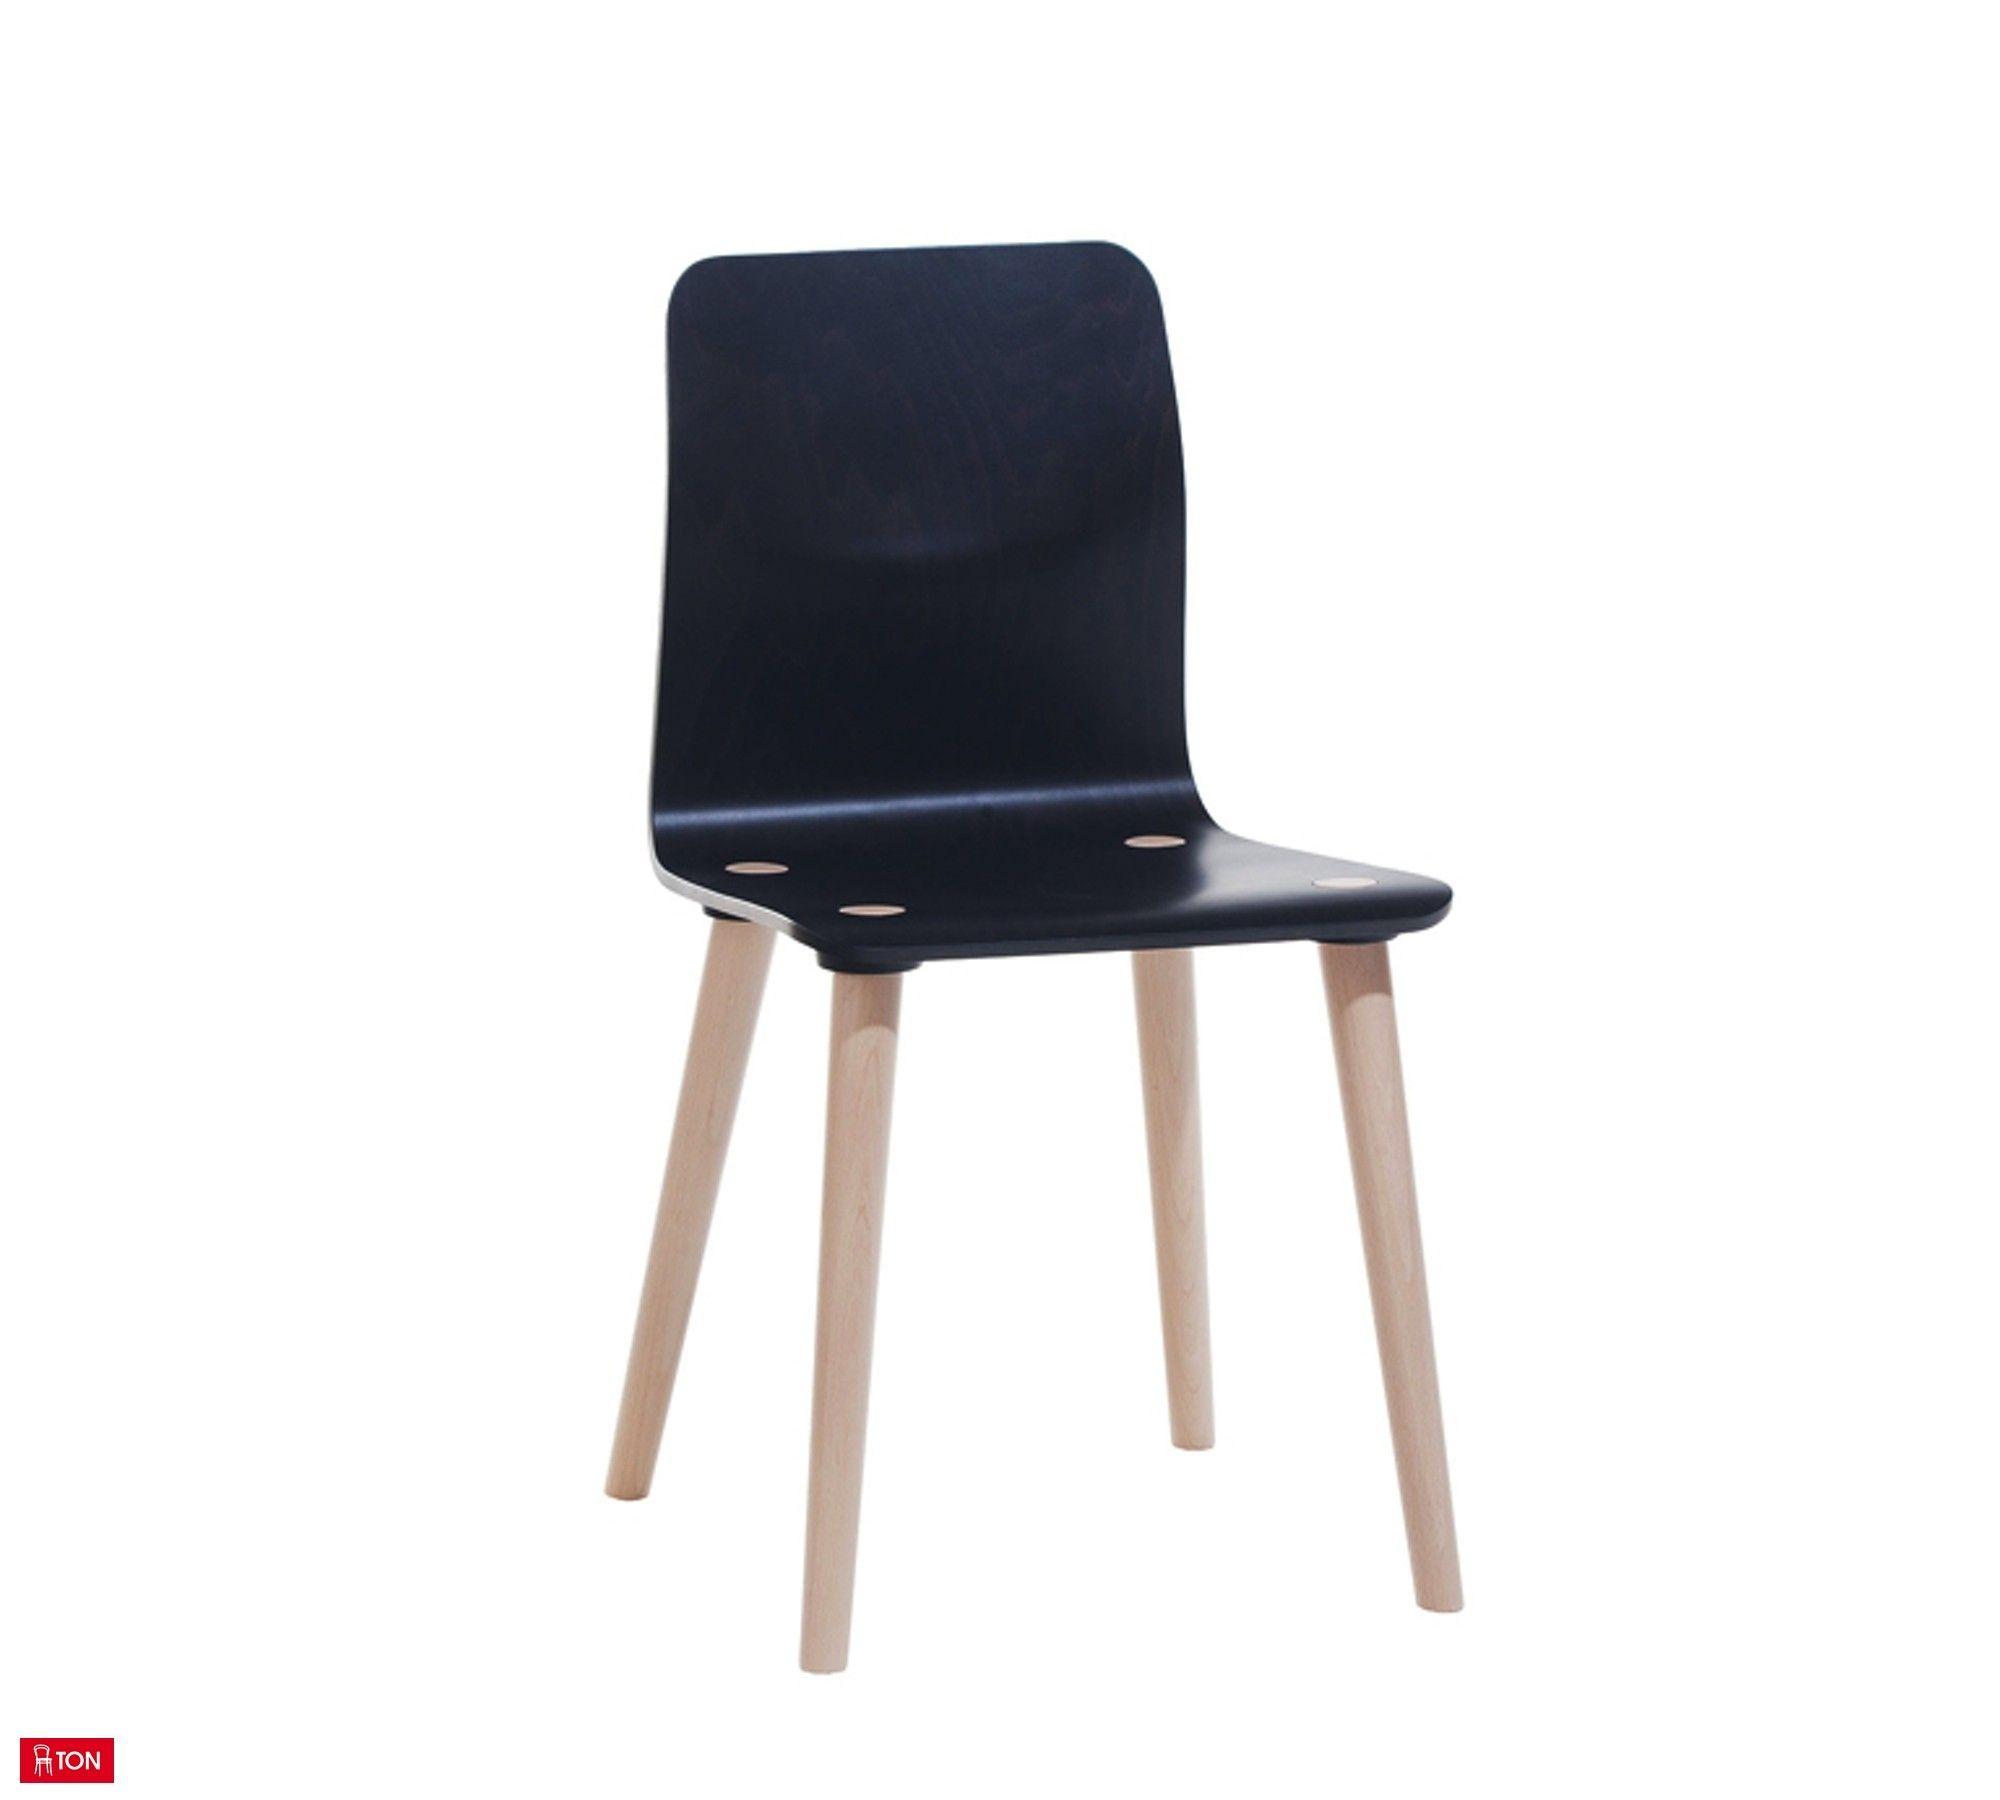 Malmö Stuhl ton - stuhl malmö holz natur schwarz 10003955 | urob si sam | pinterest